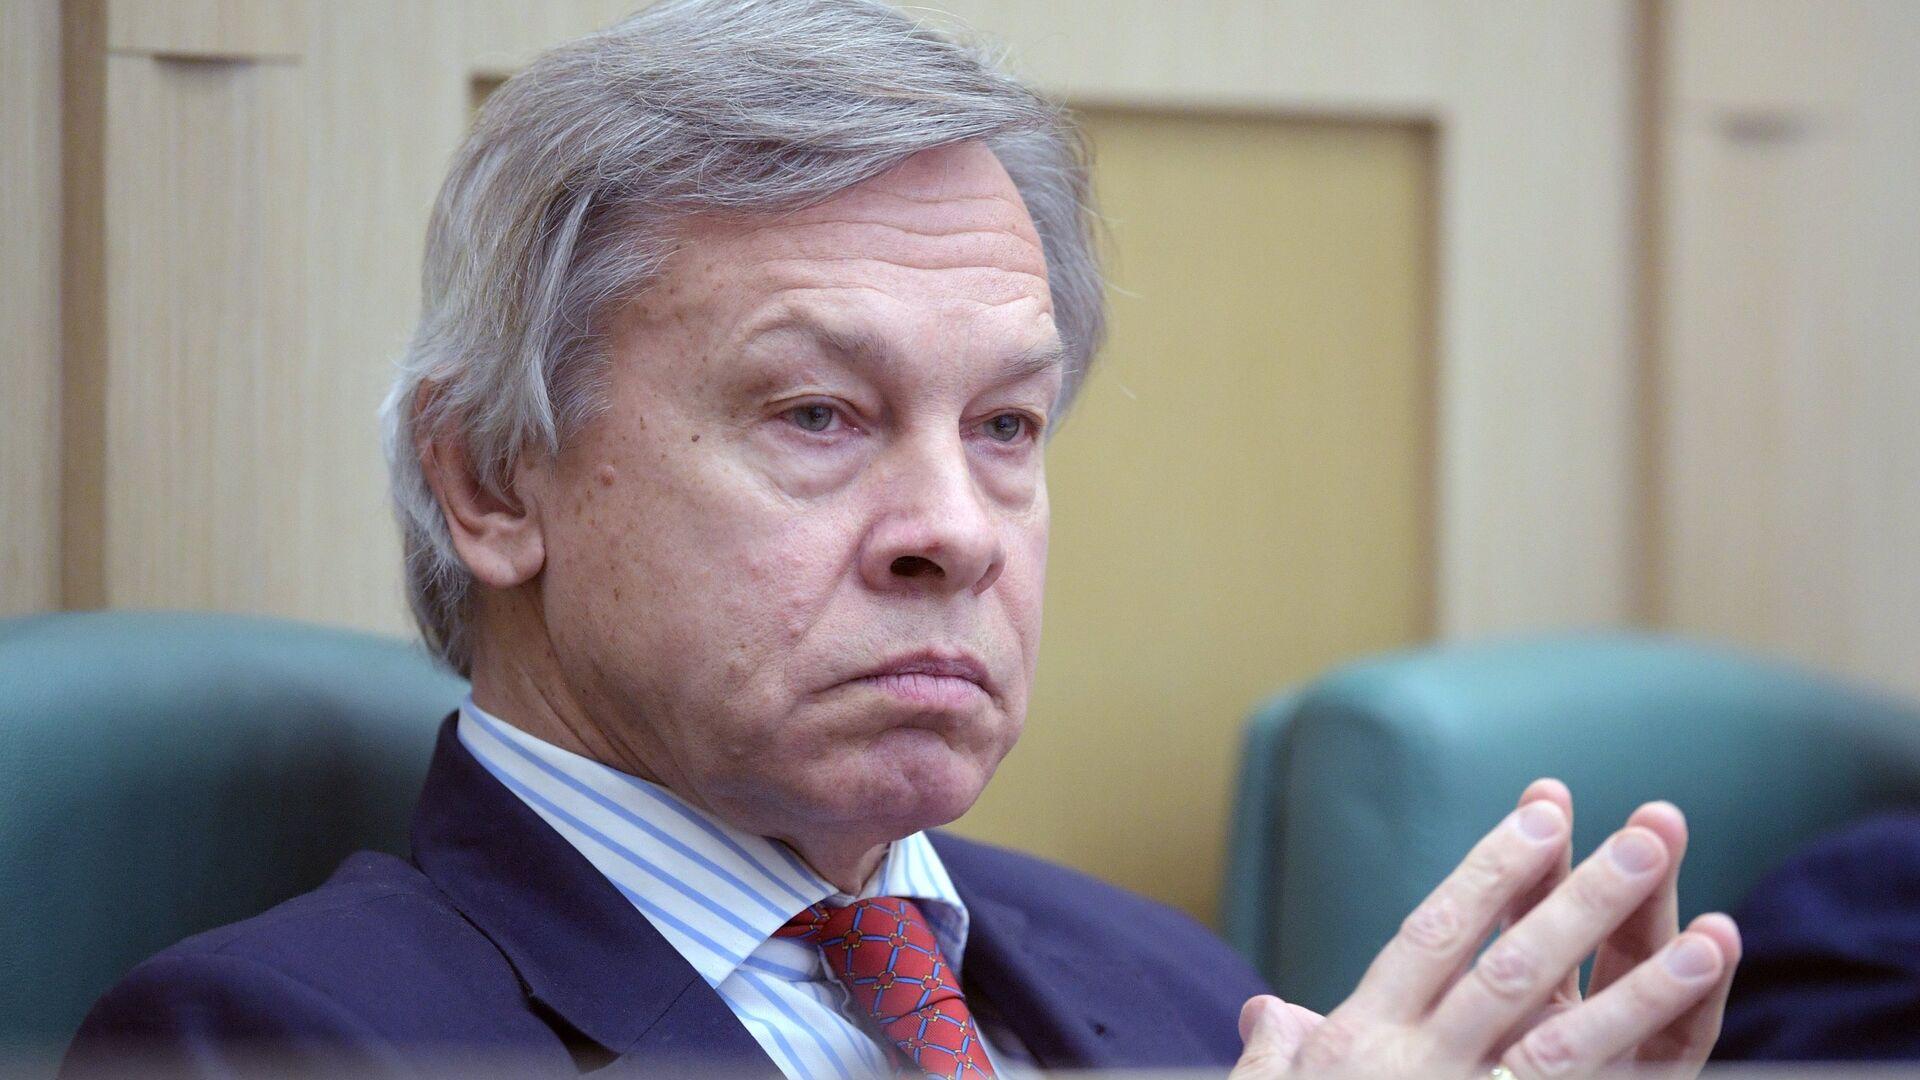 Член комитета Совета Федерации по обороне и безопасности Алексей Пушков - РИА Новости, 1920, 18.01.2021